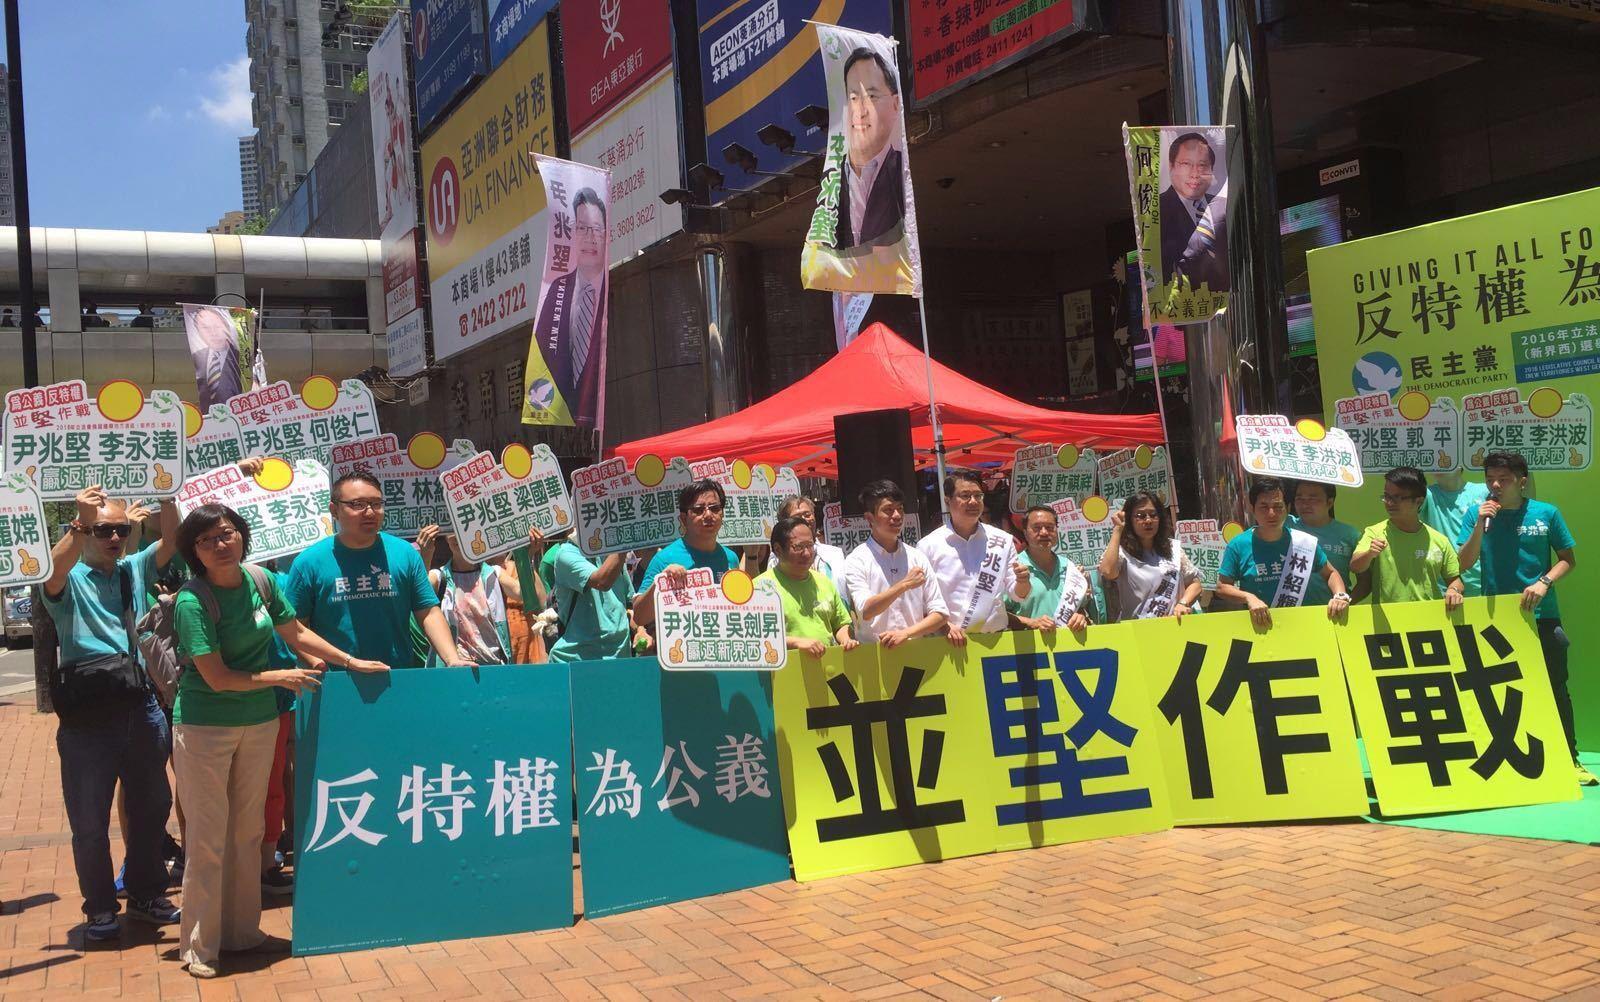 民主黨副主席尹兆堅團隊,昨日在葵涌廣場對出空地舉行造勢大會,爭取市民支持。(民主黨提供)